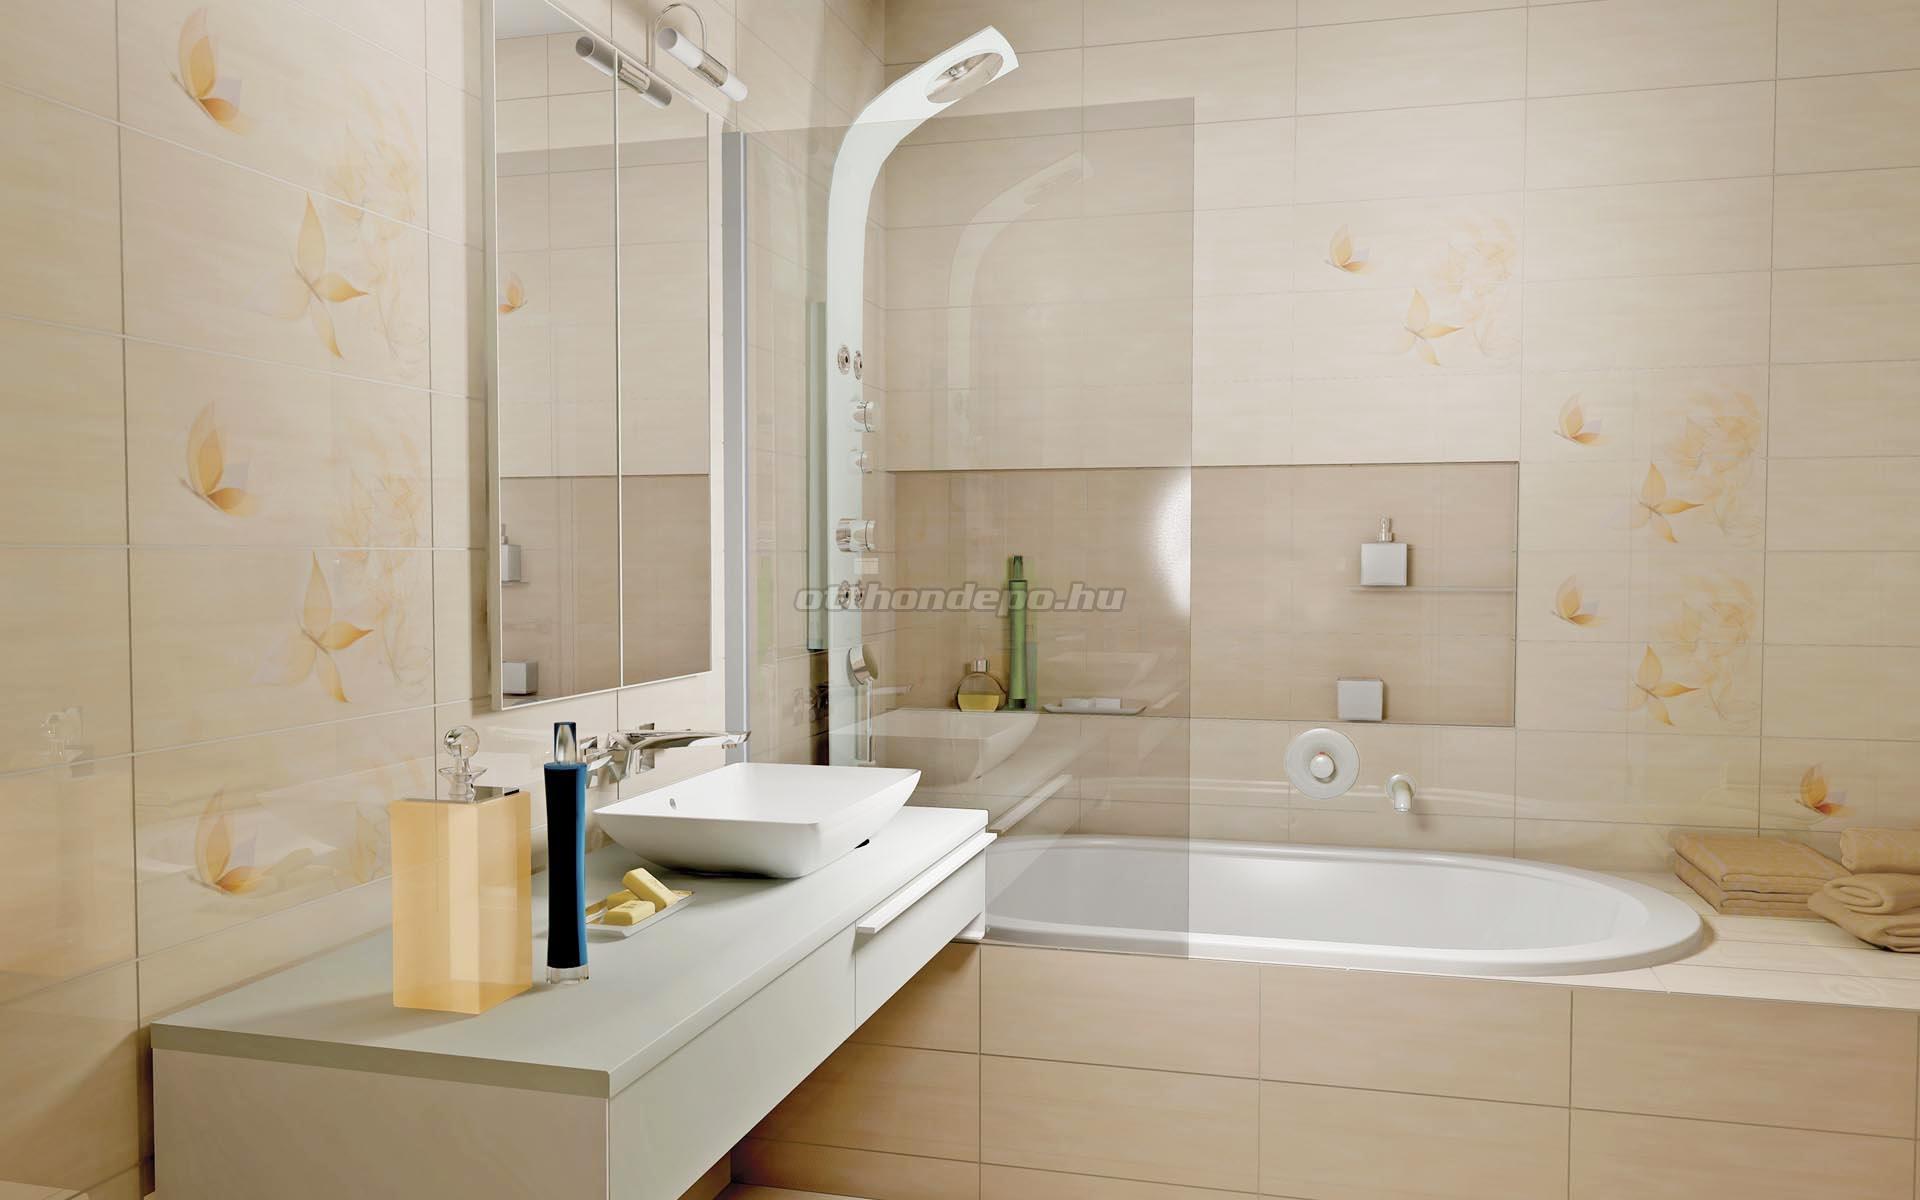 Fények és hangulat a fürdőszobában – OtthonDepo Blog